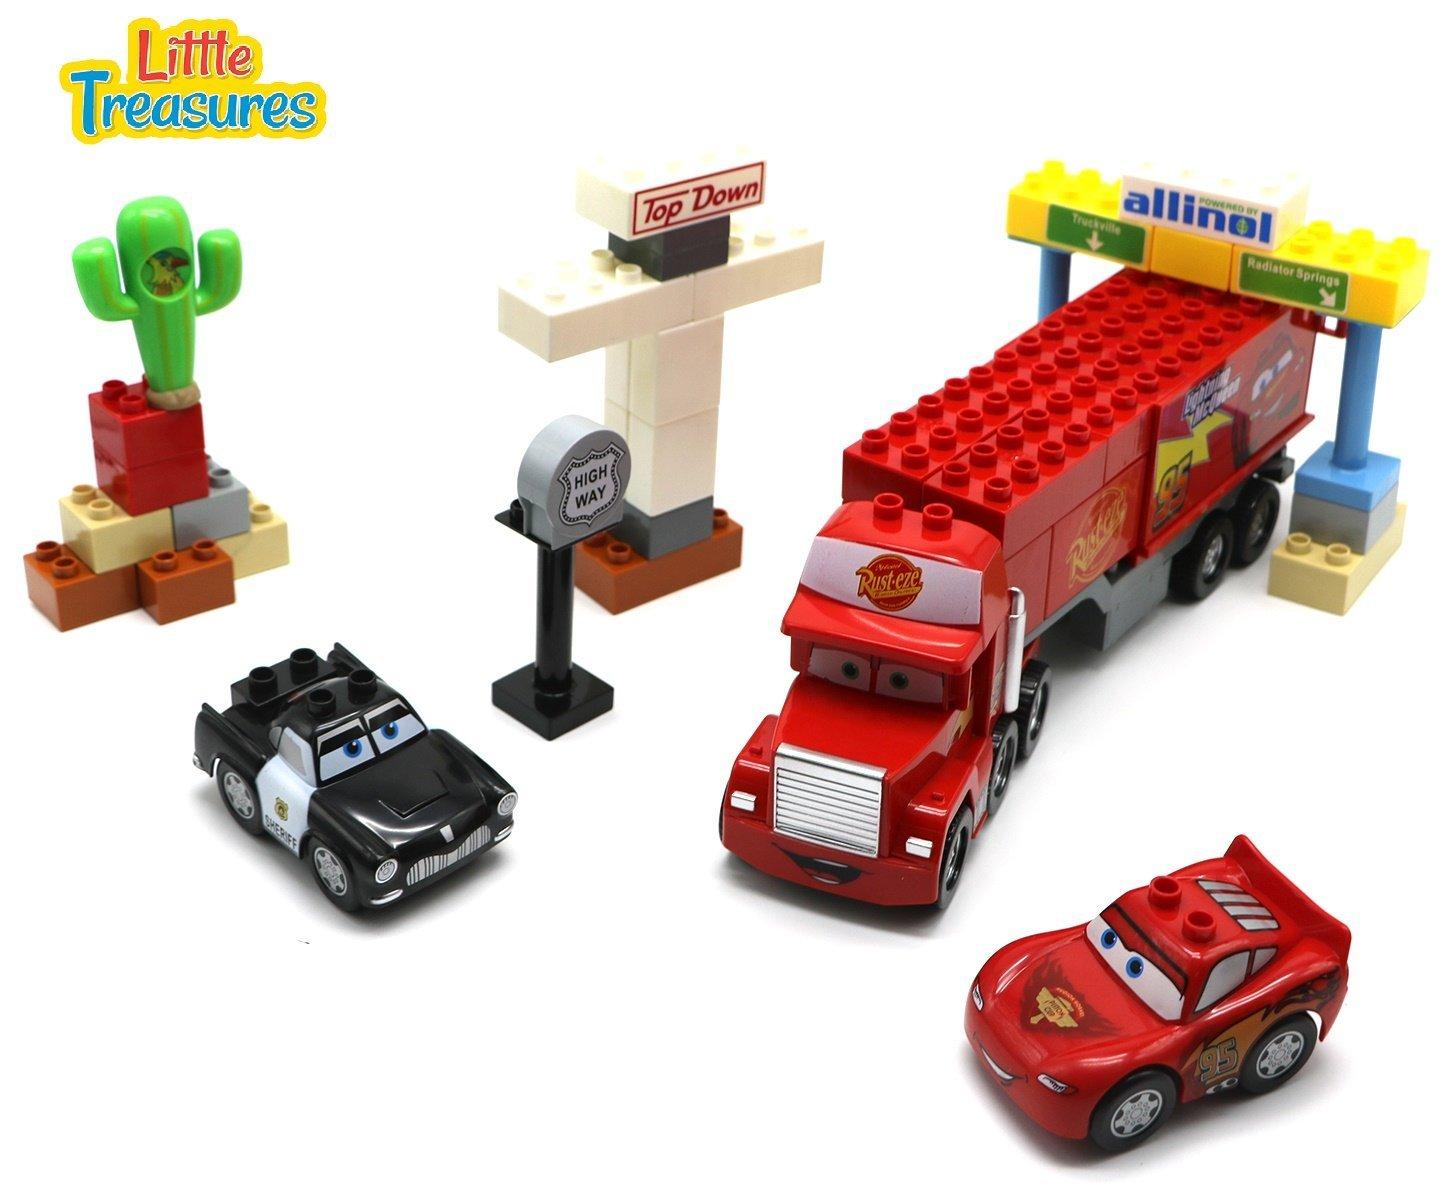 Little Treasures Cars /& Truck Grand Prix Highway Building block 51 pieces toy set for 3 preschoolers